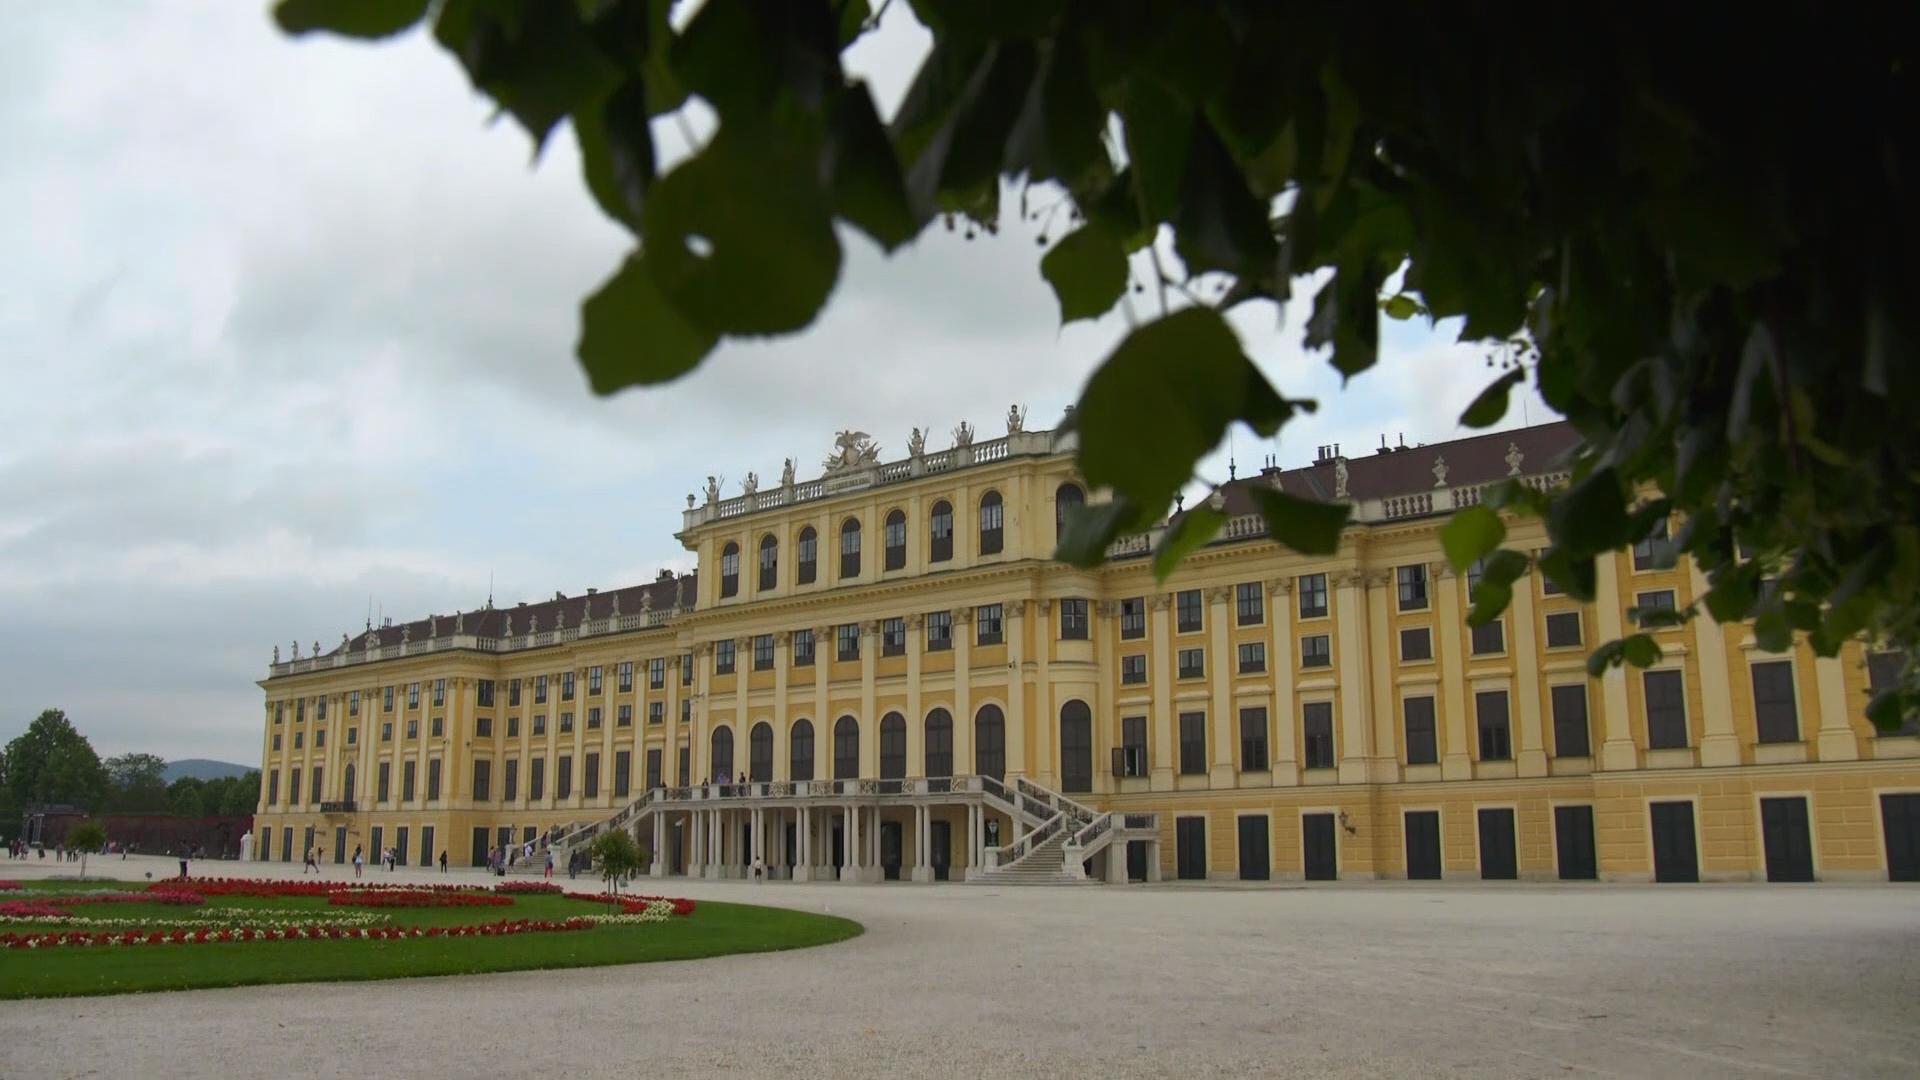 The Schönbrunn Palace